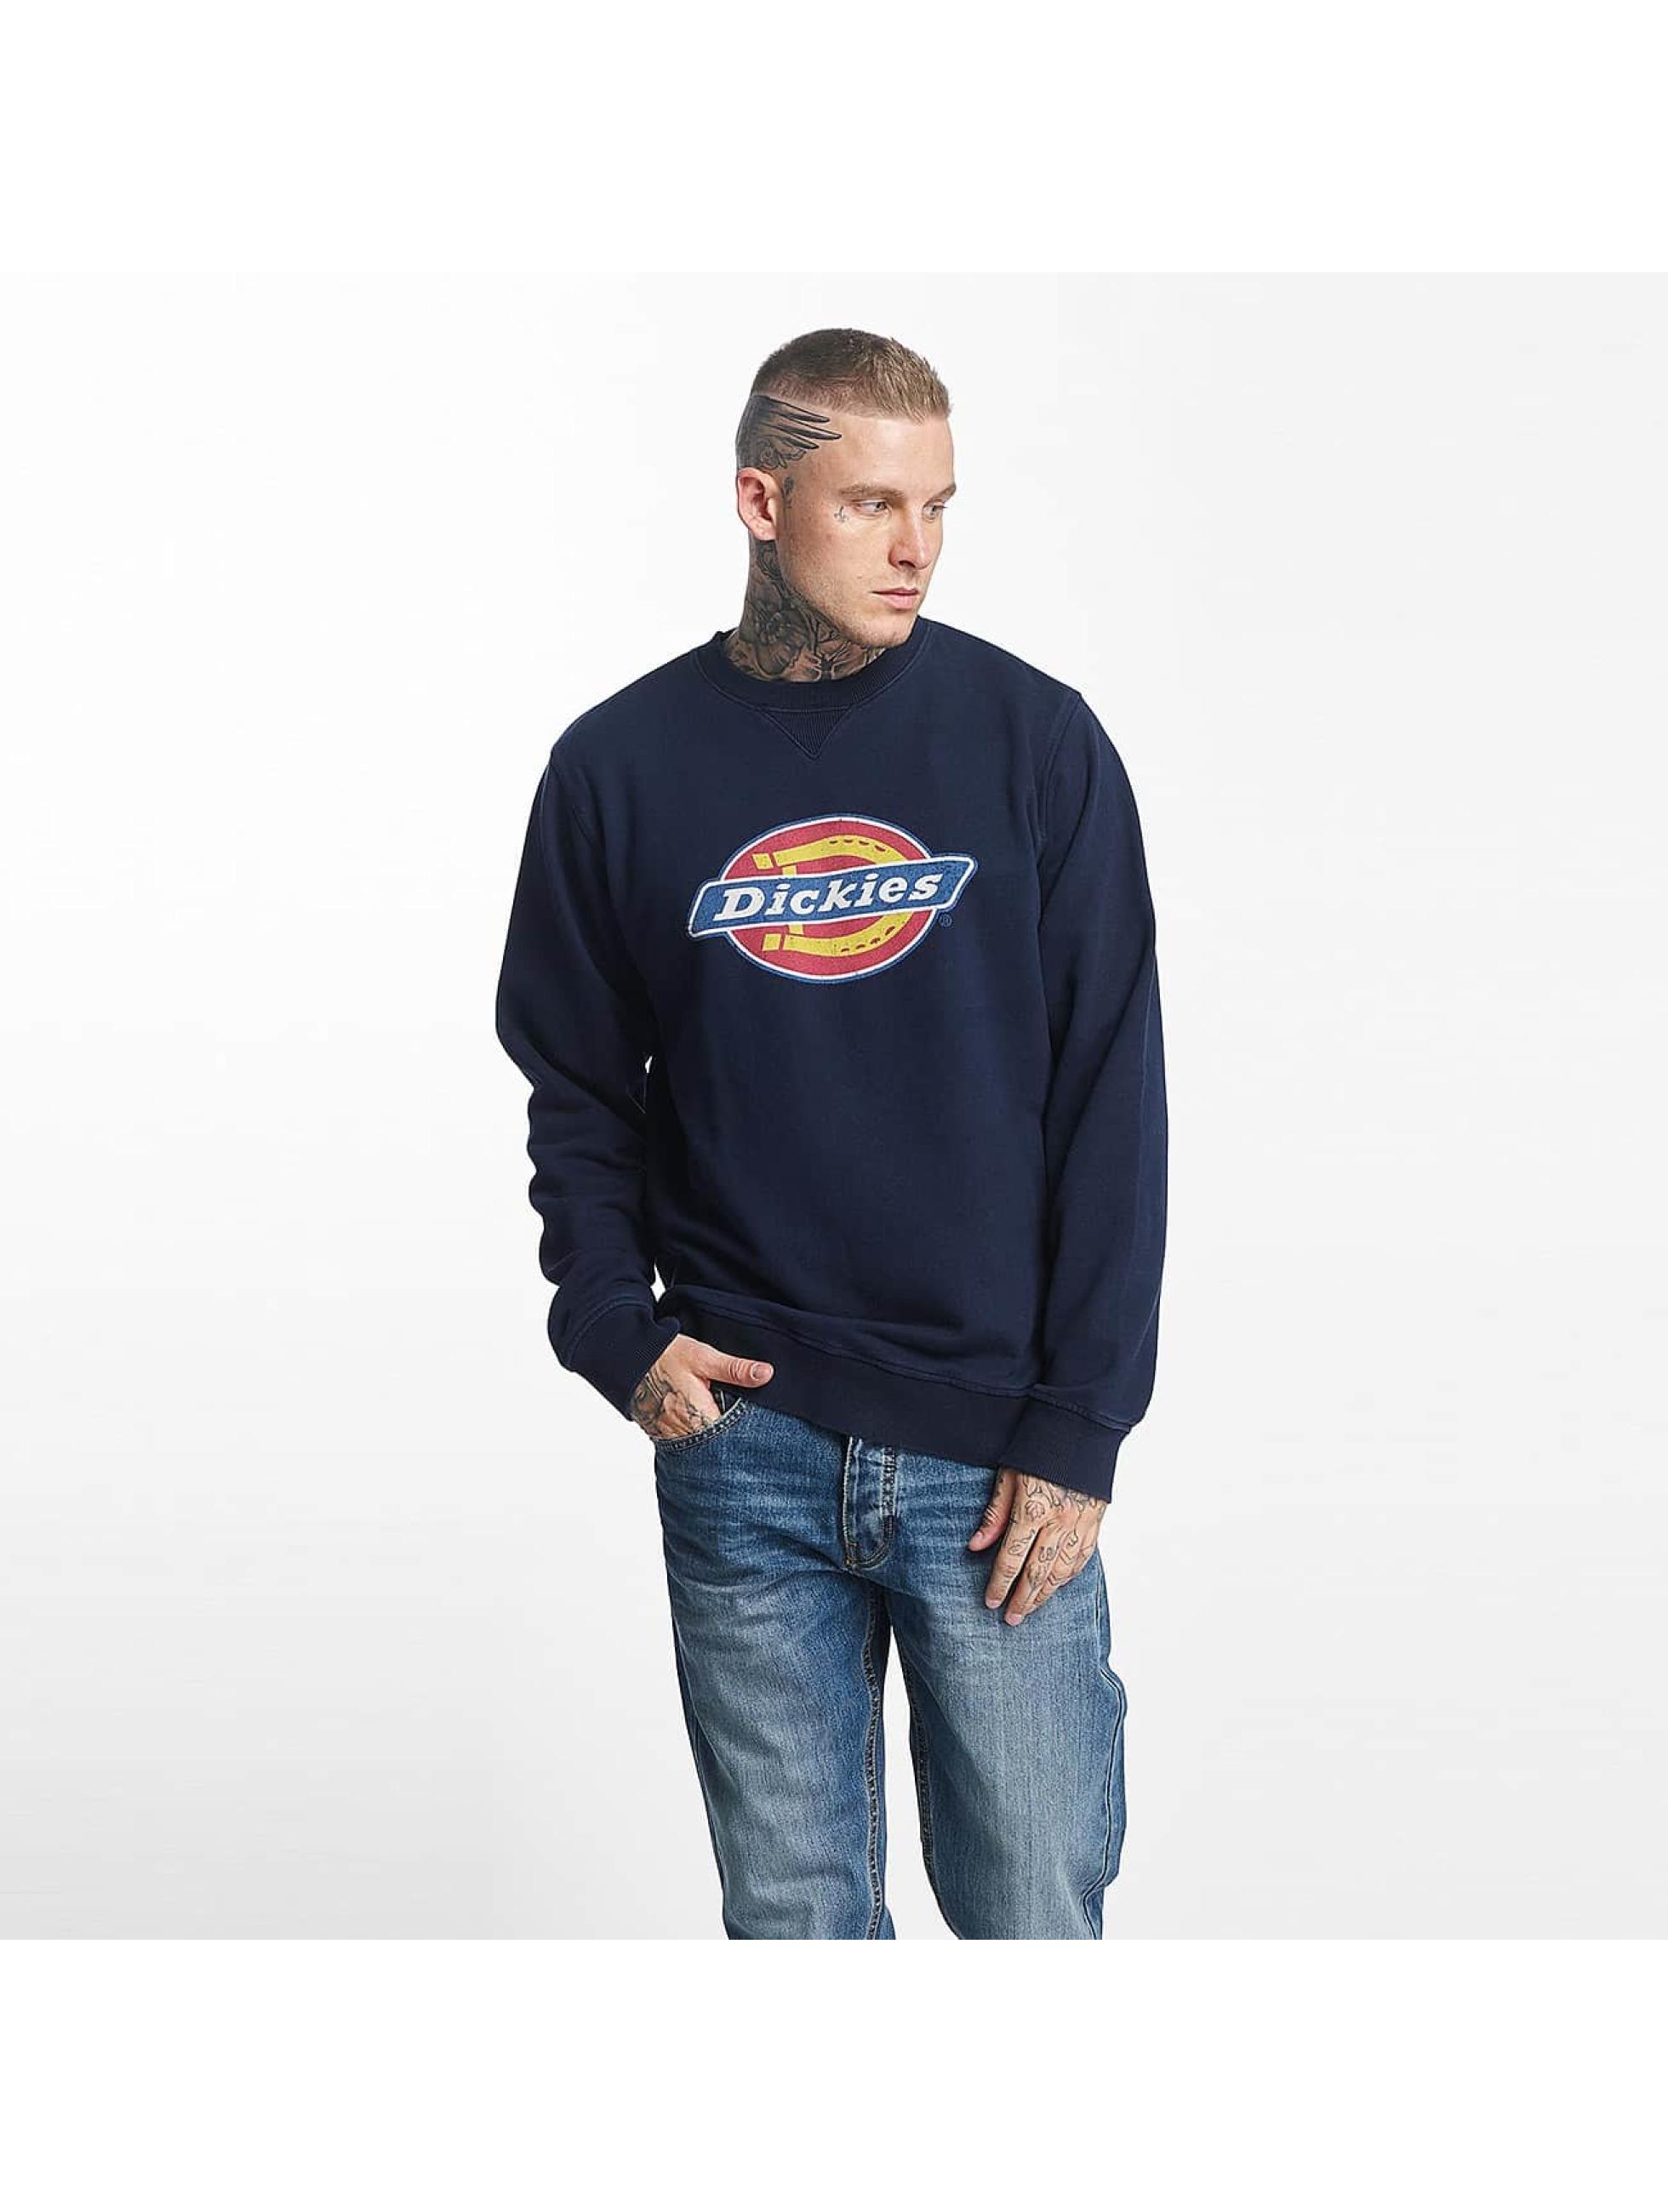 Dickies Jumper HS blue